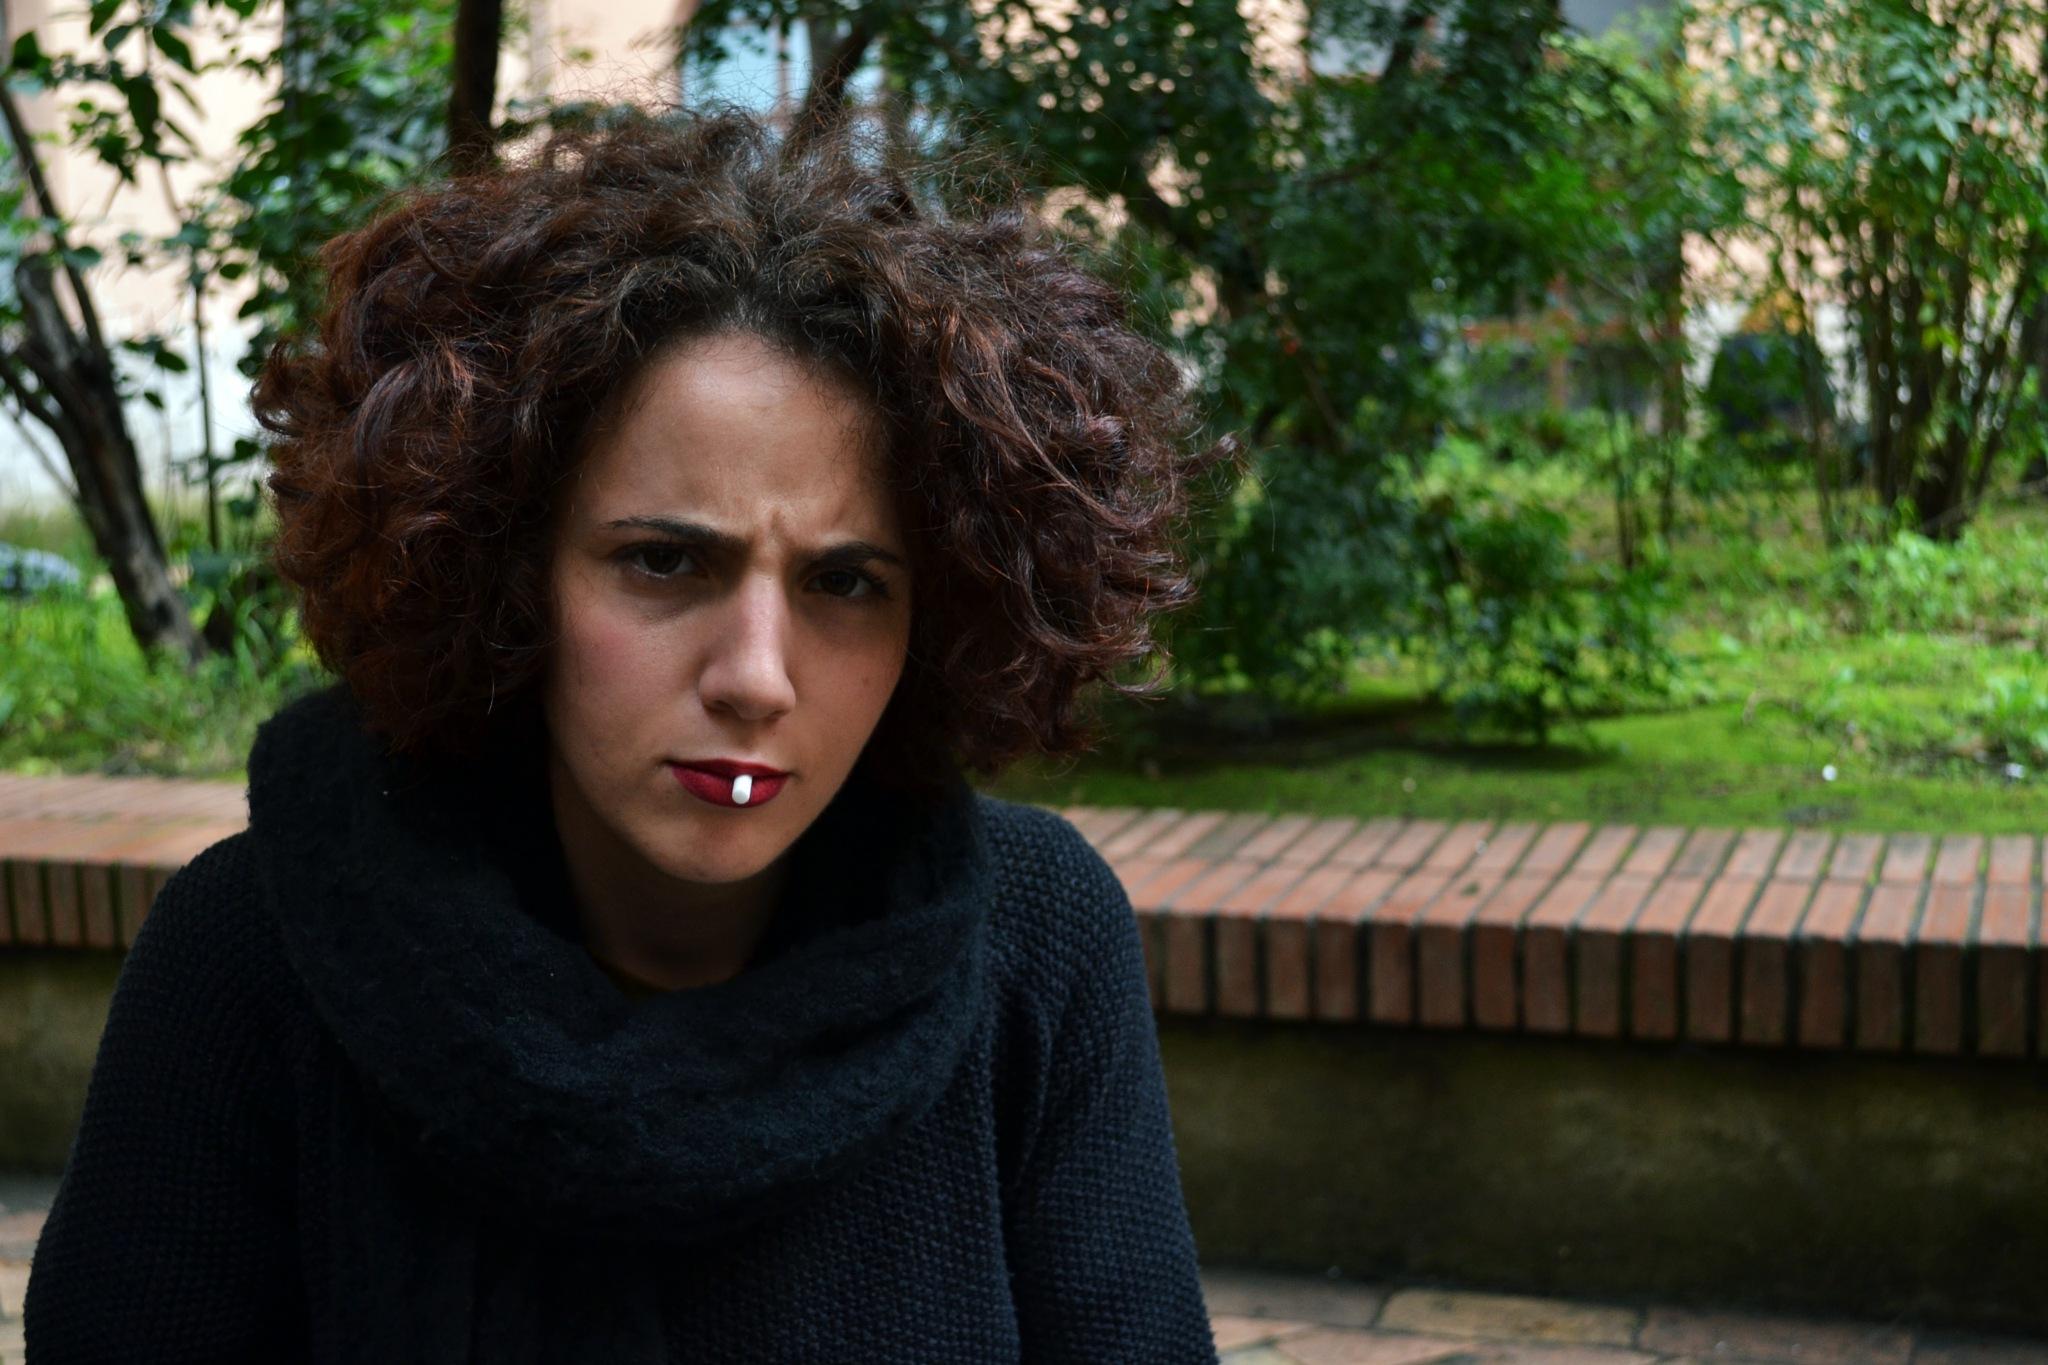 Disagree by Rosalba Avventura